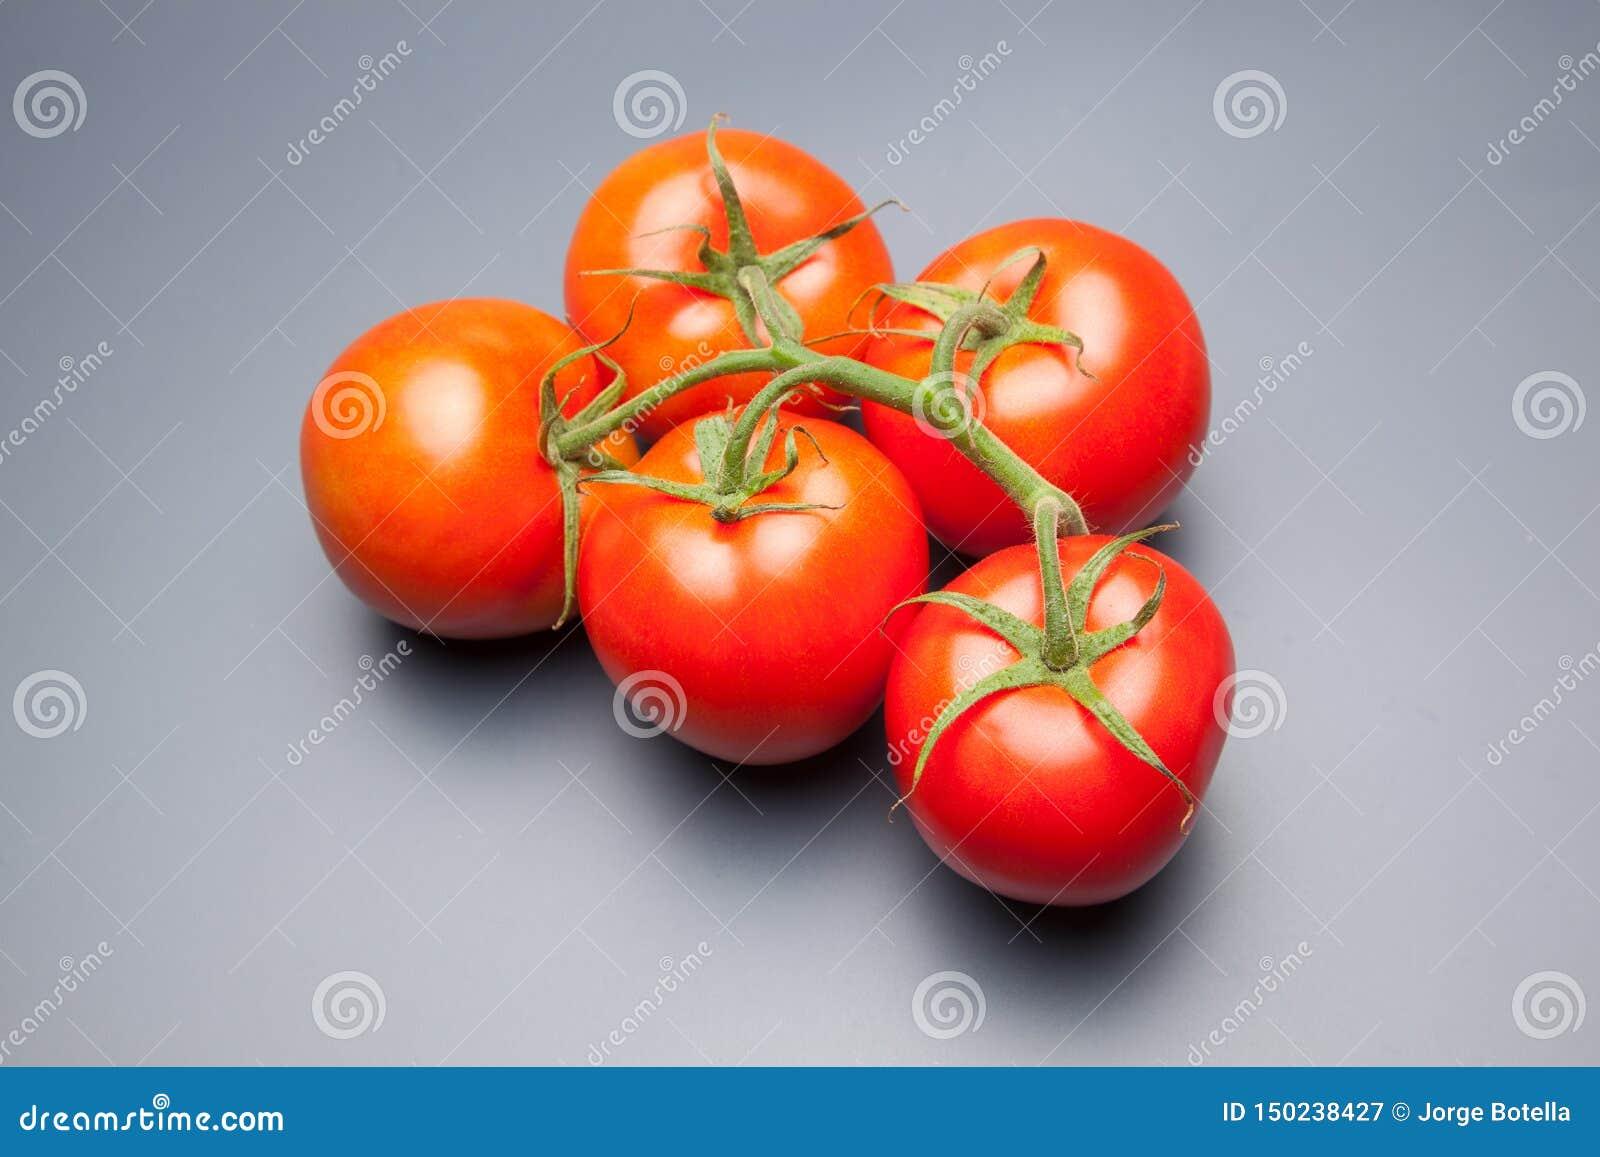 Röd tomat, med droppar av vatten som betecknar friskhet och hälsa